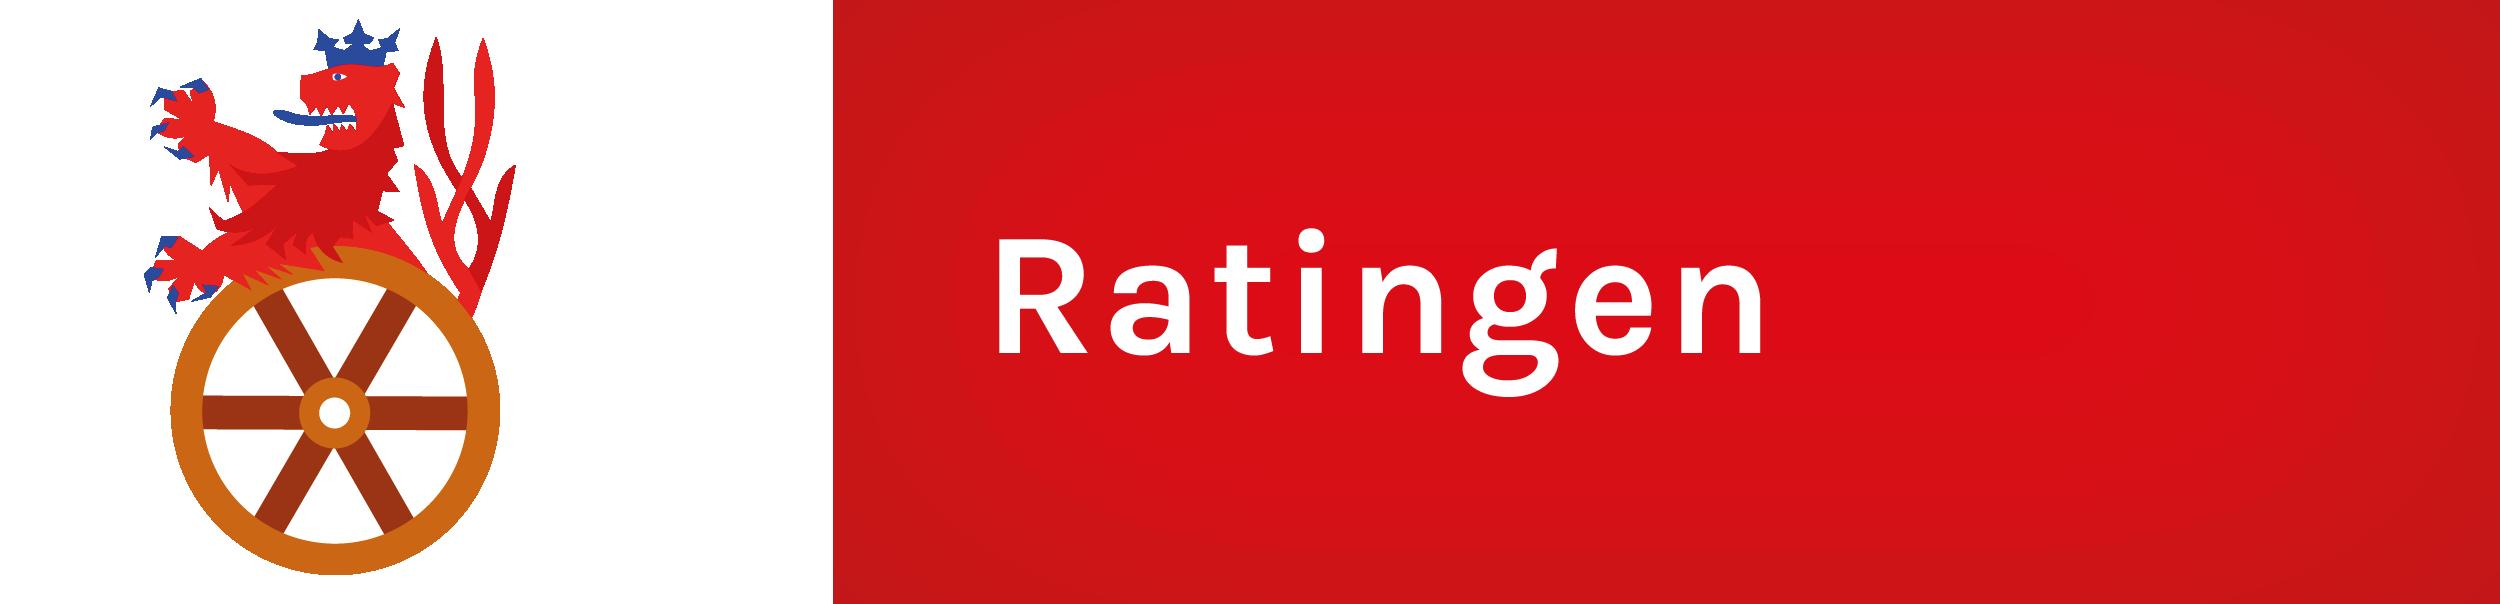 Banner für Ratingen